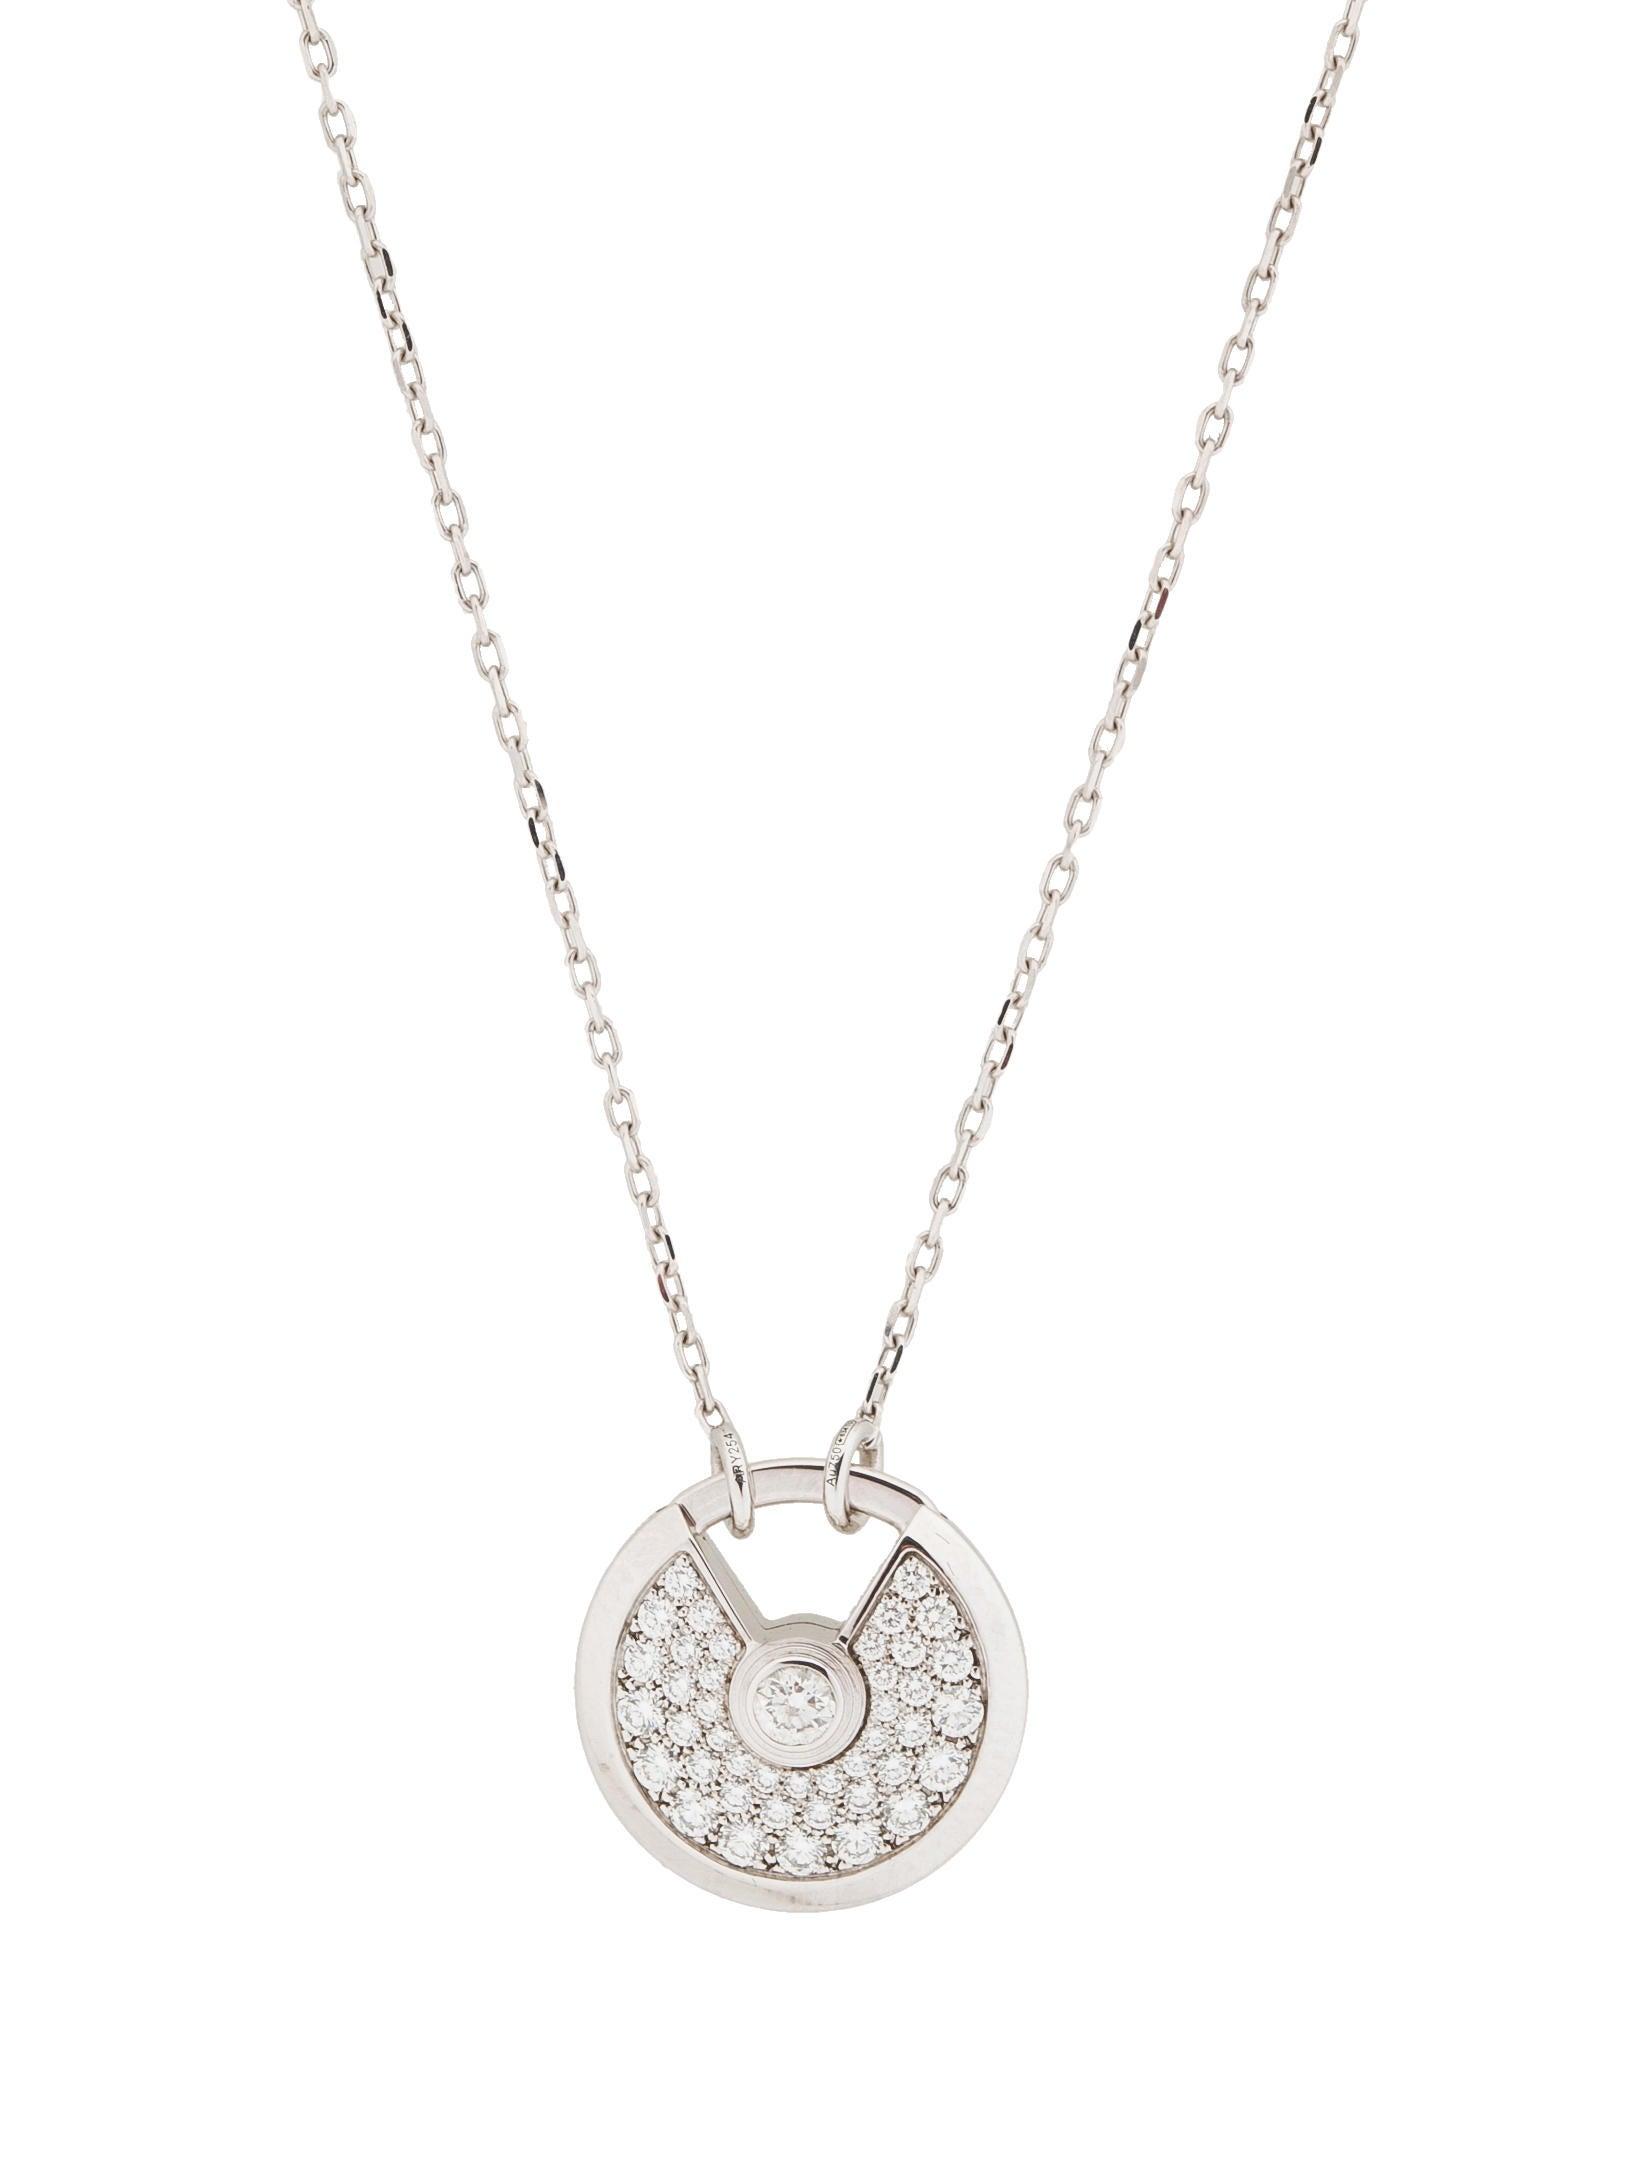 Cartier amulette de cartier diamond necklace necklaces amulette de cartier diamond necklace mozeypictures Image collections